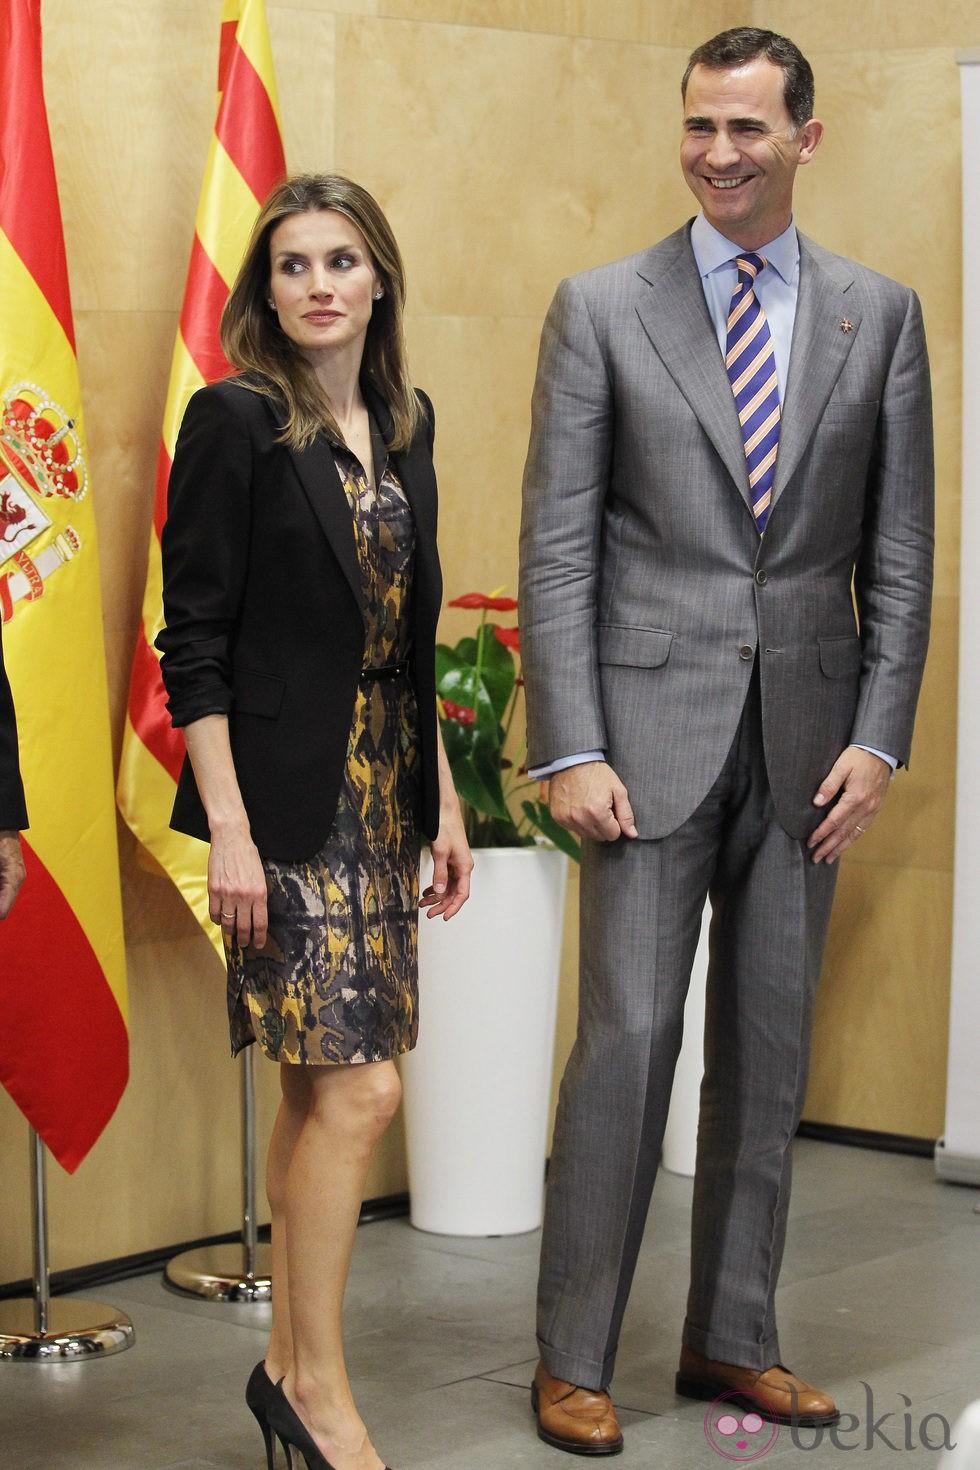 Príncipes de Asturias: visita de 2 días a Girona 24071_principes-felipe-letizia-girona